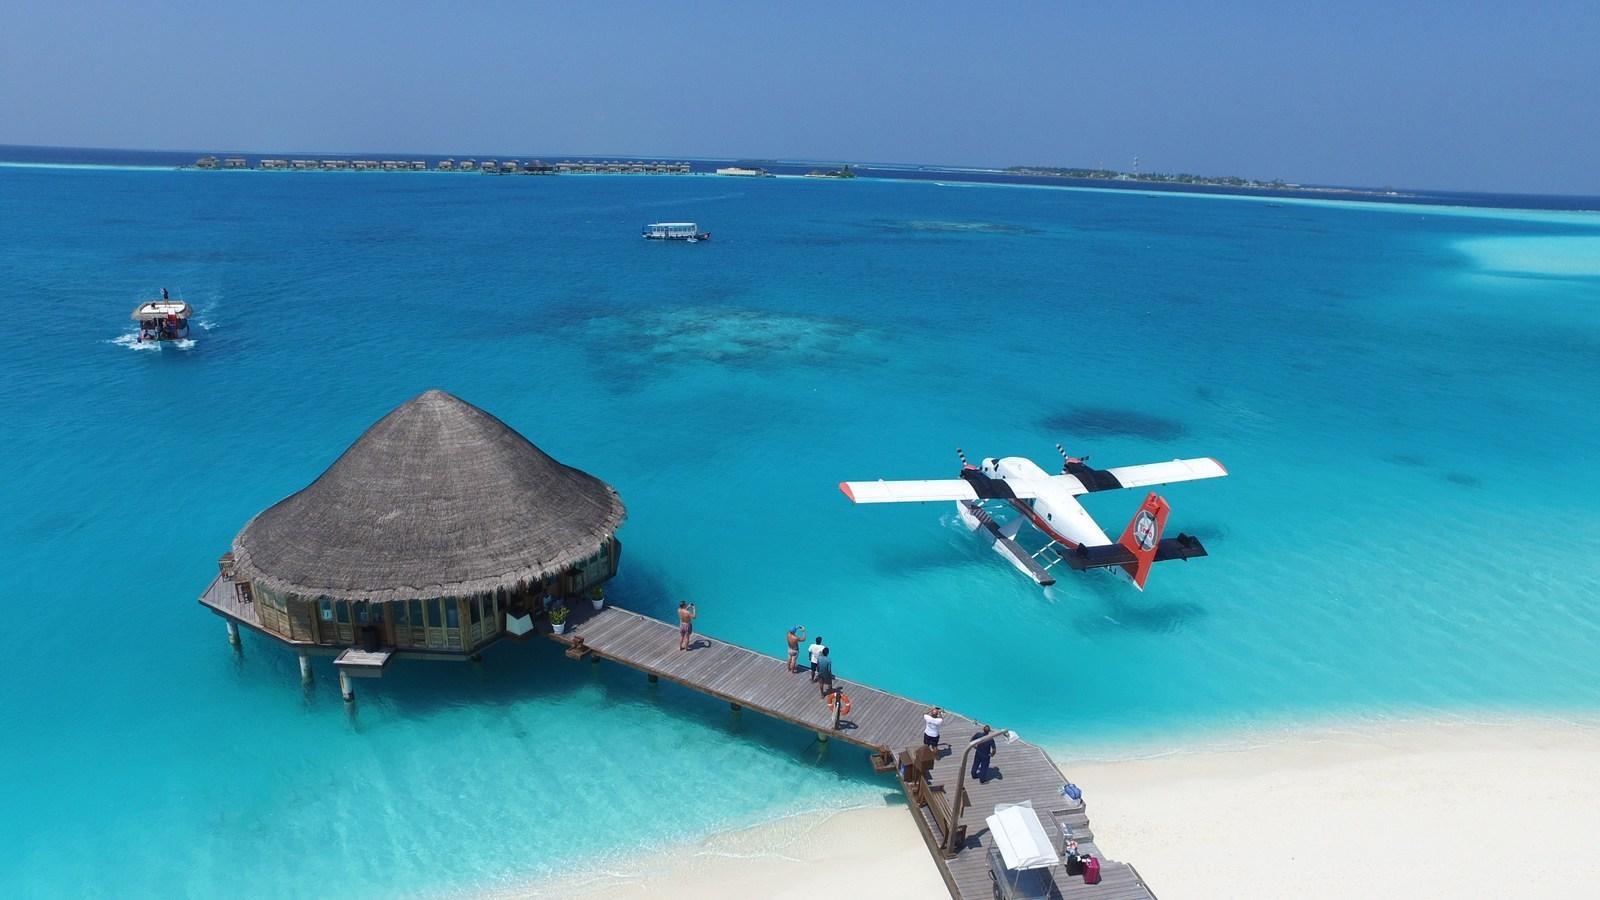 Мальдивы, отель Angsana Velavaru, гидросамолет